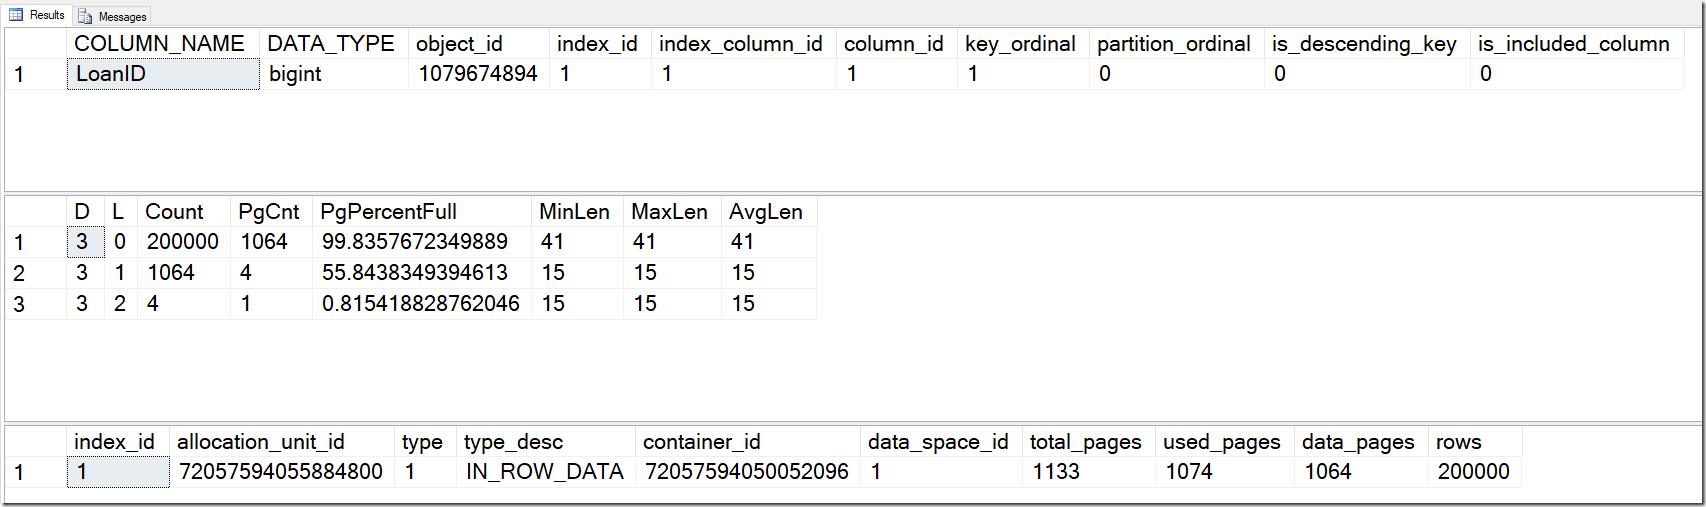 datasize 2